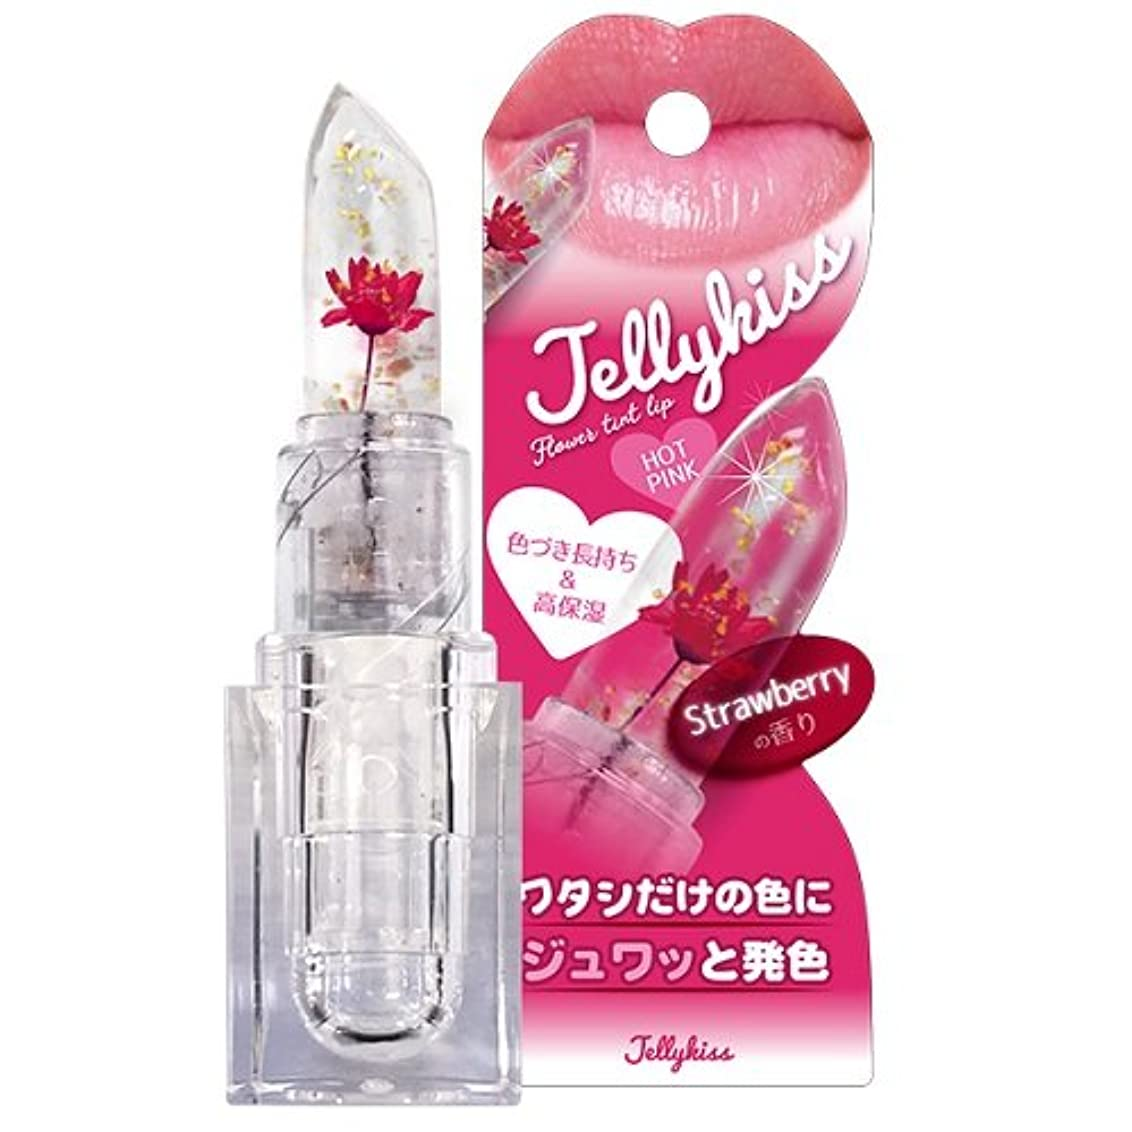 バンケット弱い空中ジェリキス (Jelly kiss) 01 ホットピンク 3.5g